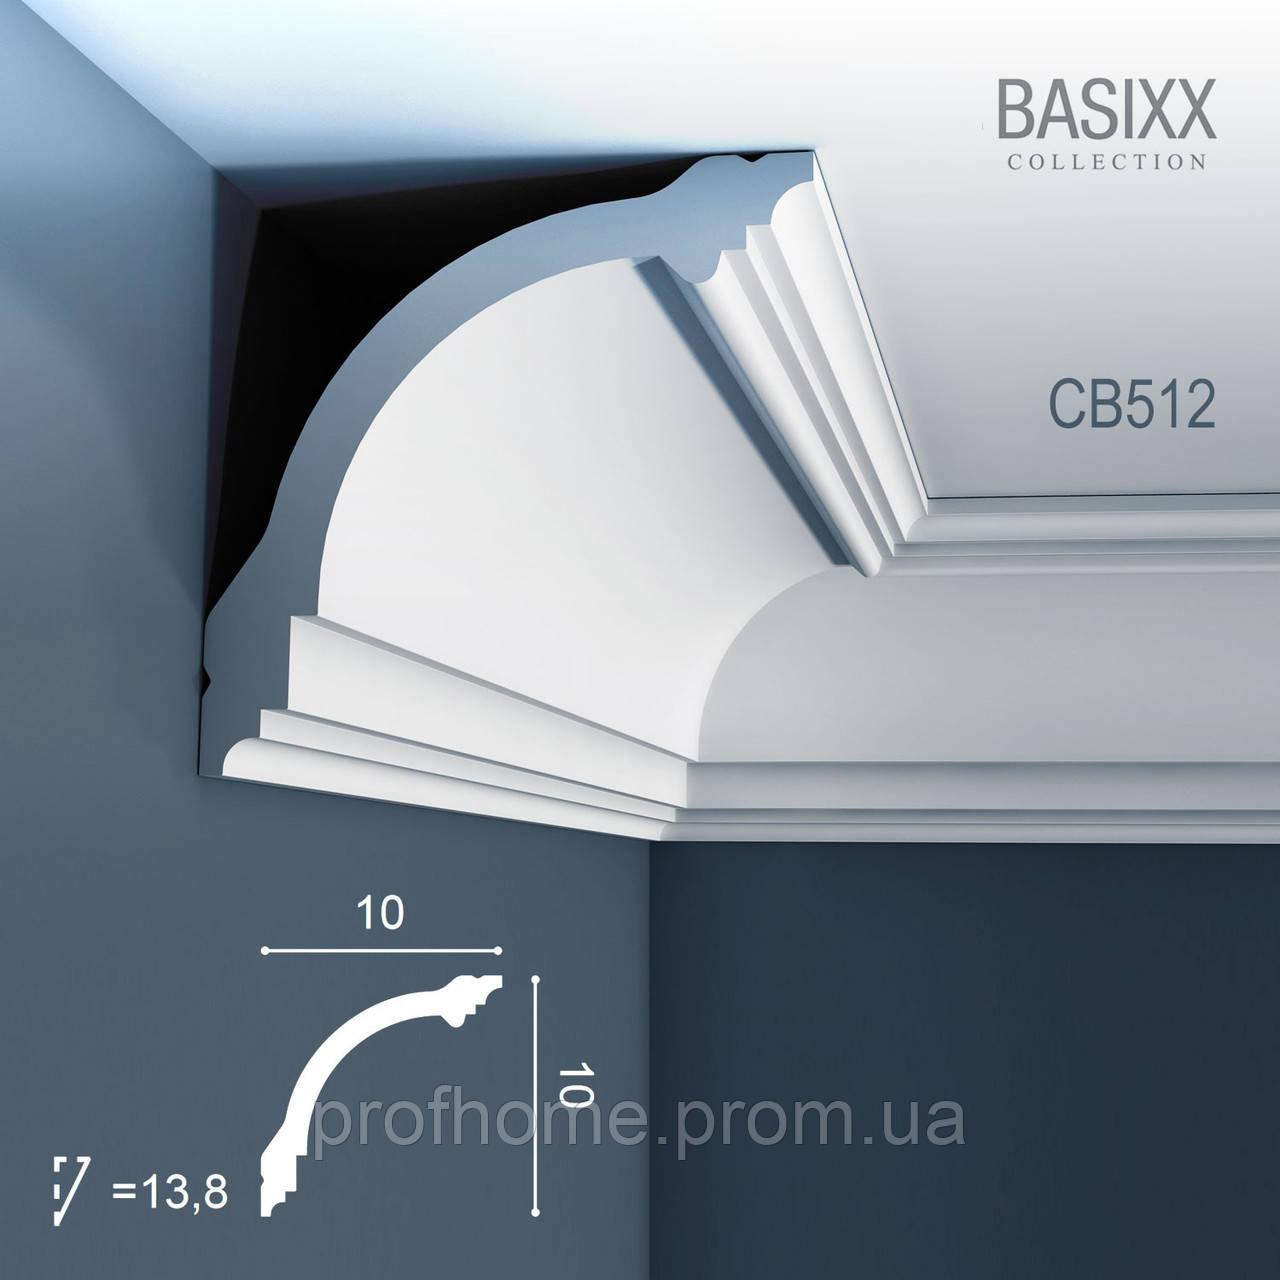 ORAC Decor CB512 BASIXX потолочный багет карниз угловой молдинг лепнина из полистирола | 2 м - Товары для косметического ремонта Премиум класса из Германии. в Германии